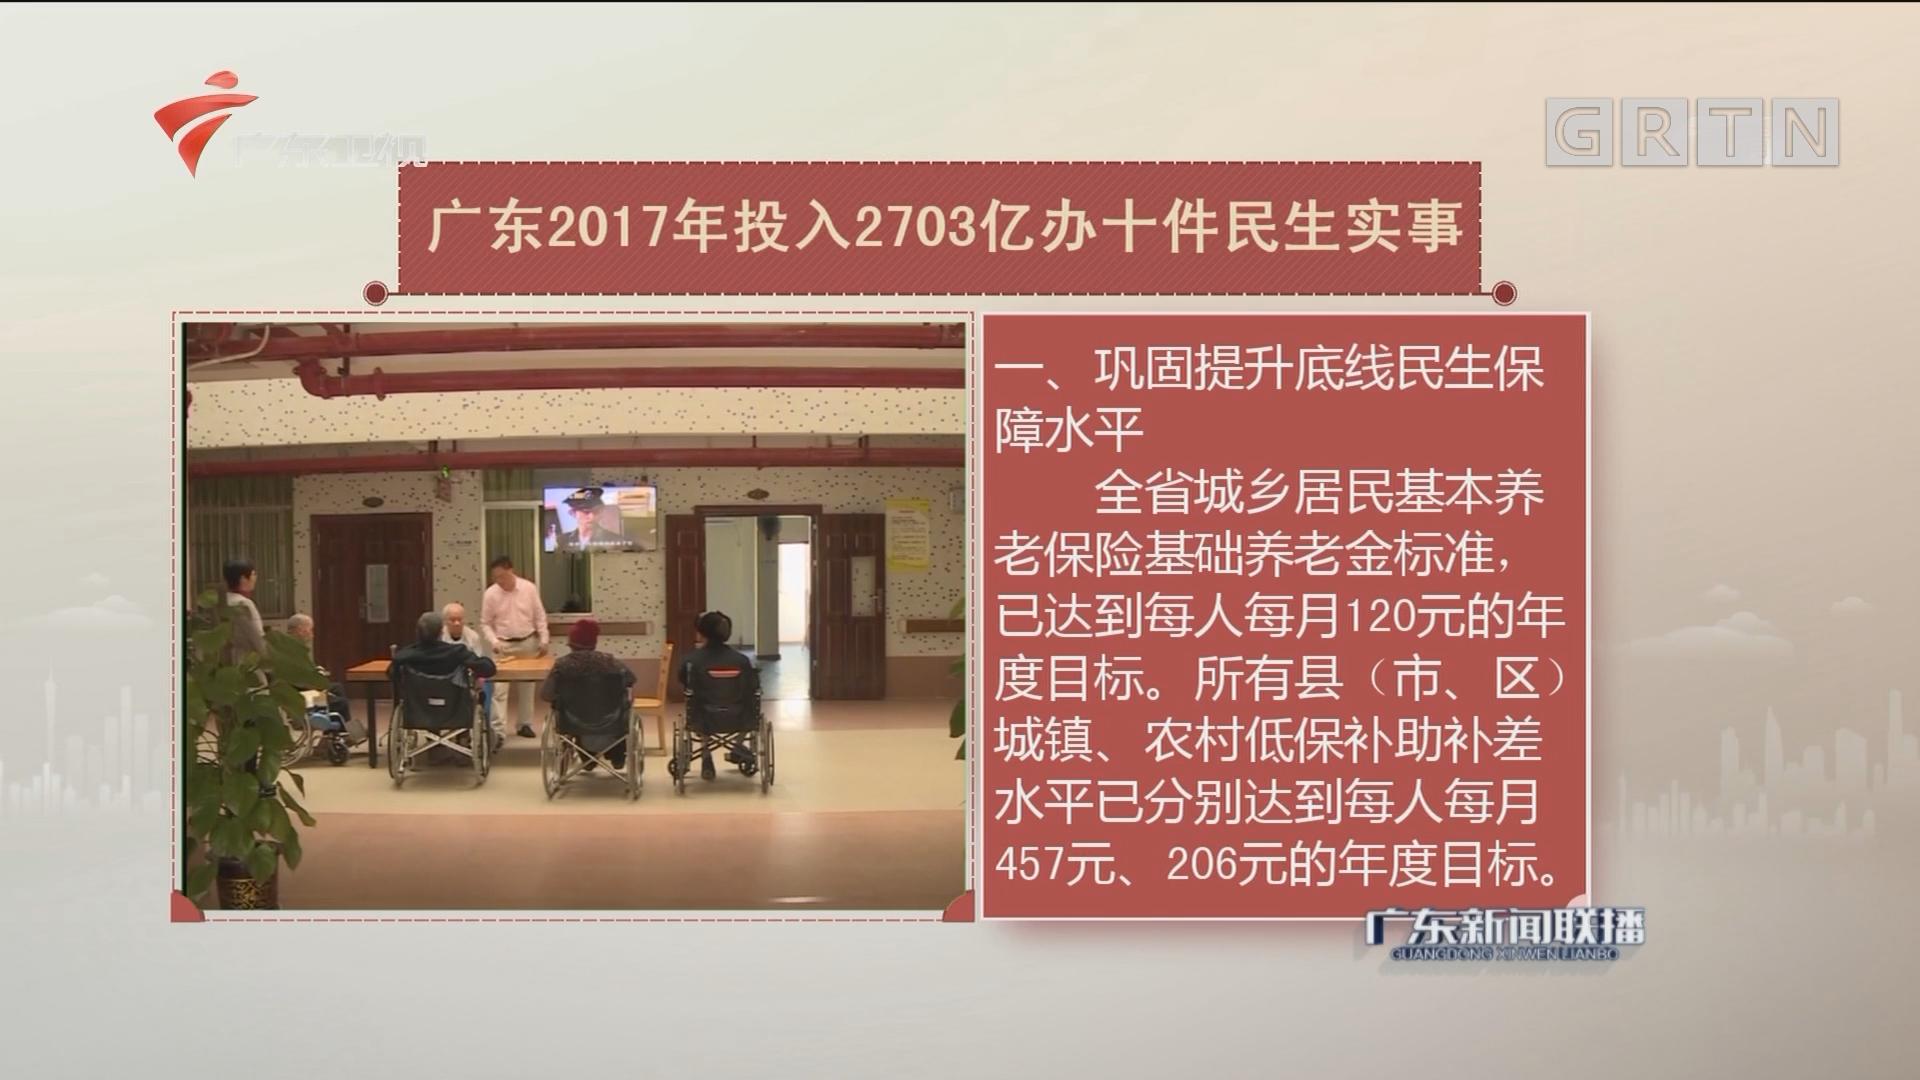 广东2017年投入2703亿办十件民生实事